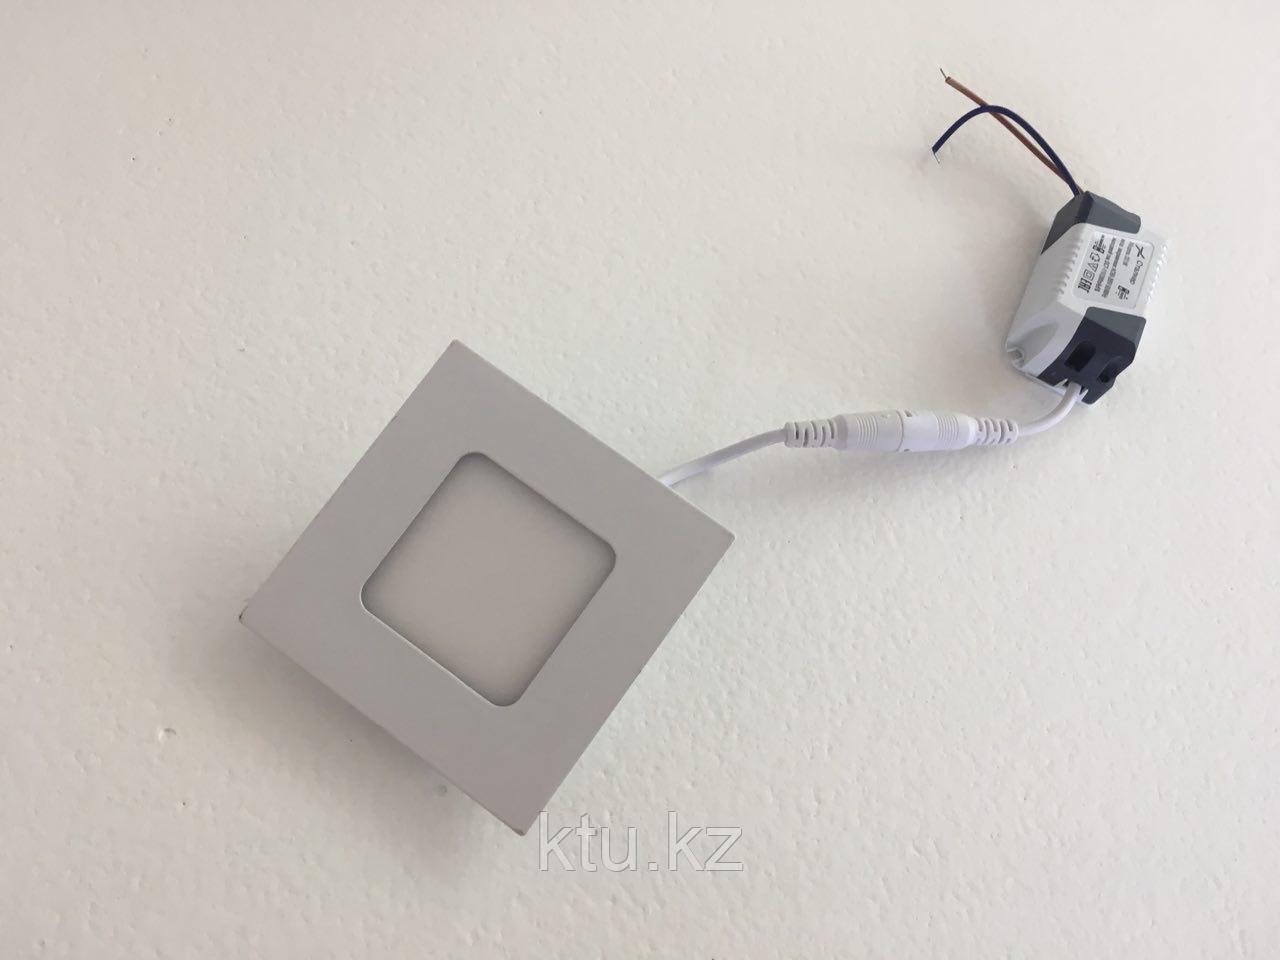 Светильники (споты) для складов JL-MY 6W,накладной 1год гарантия